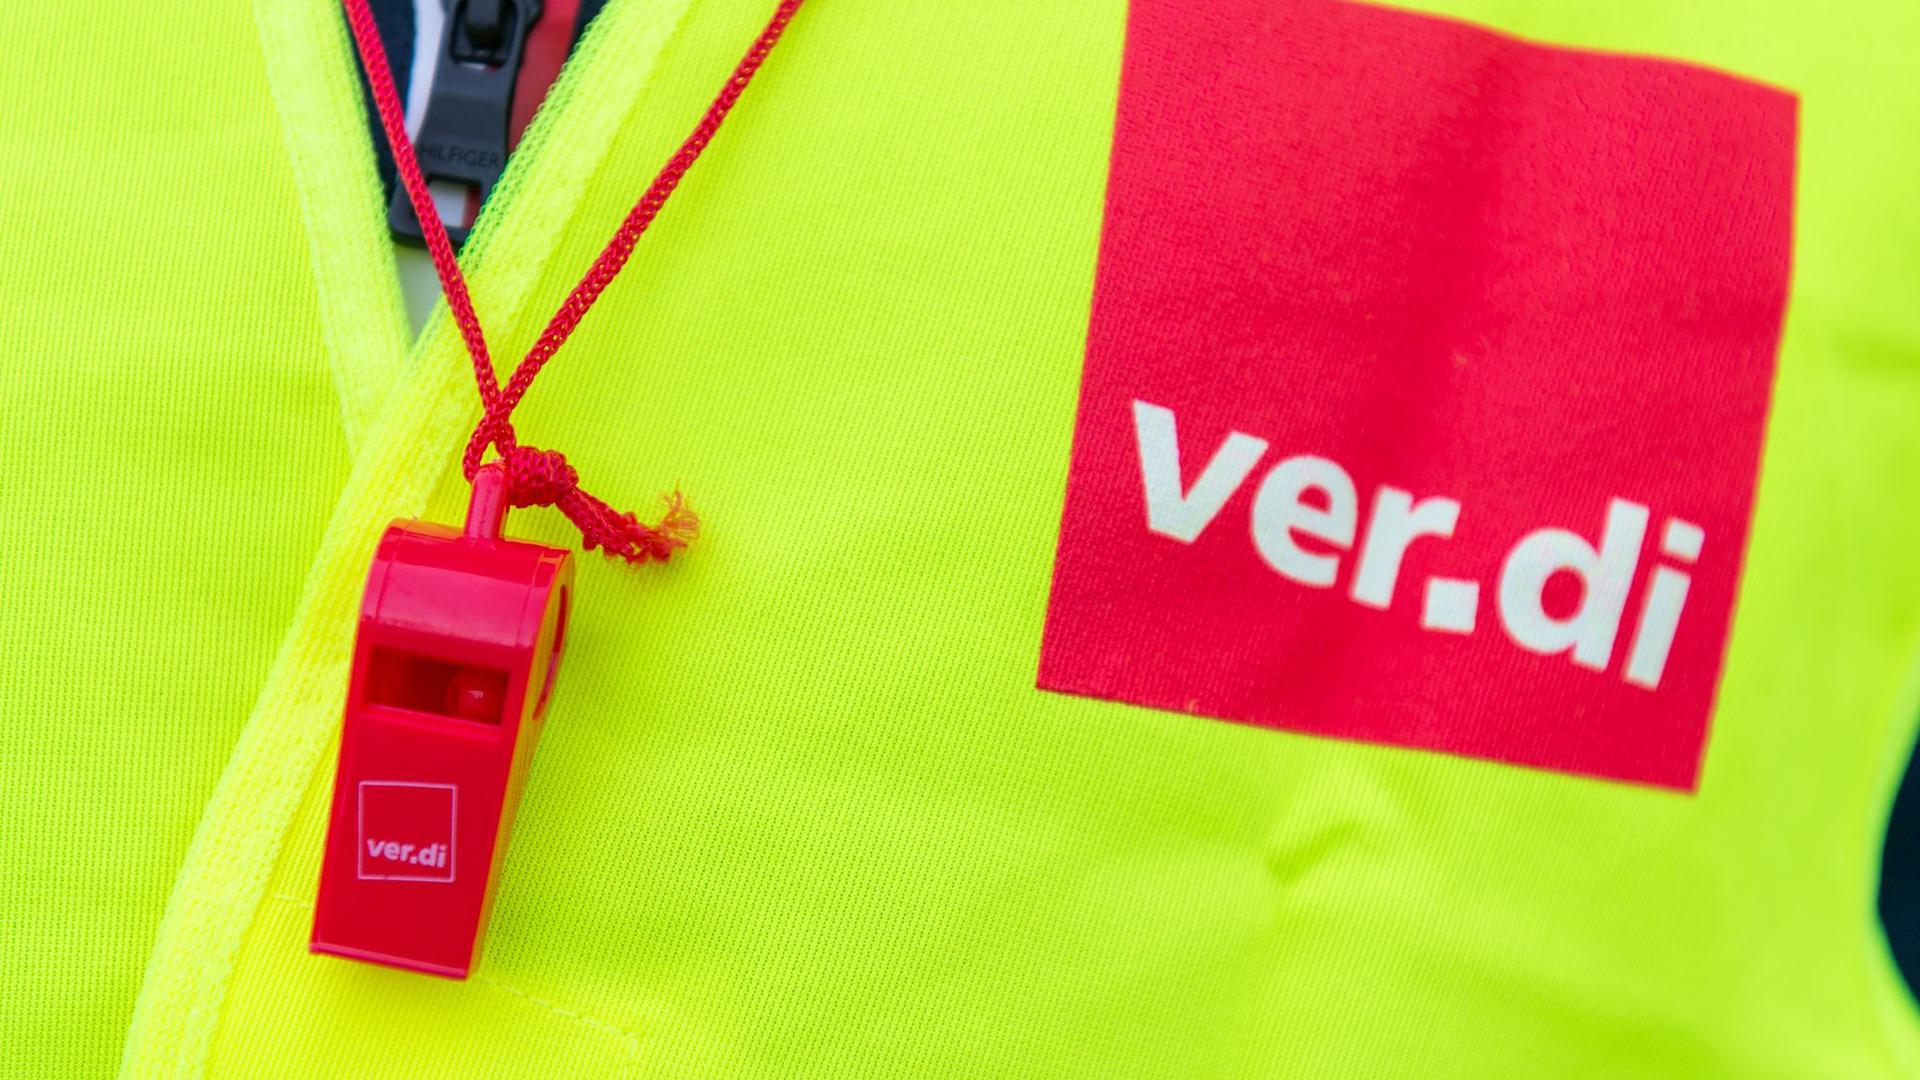 Die Gewerkschaft Verdi fordert gemeinsam mit dbb und VKA mehr Einkommen für den öffentlichen Dienst.